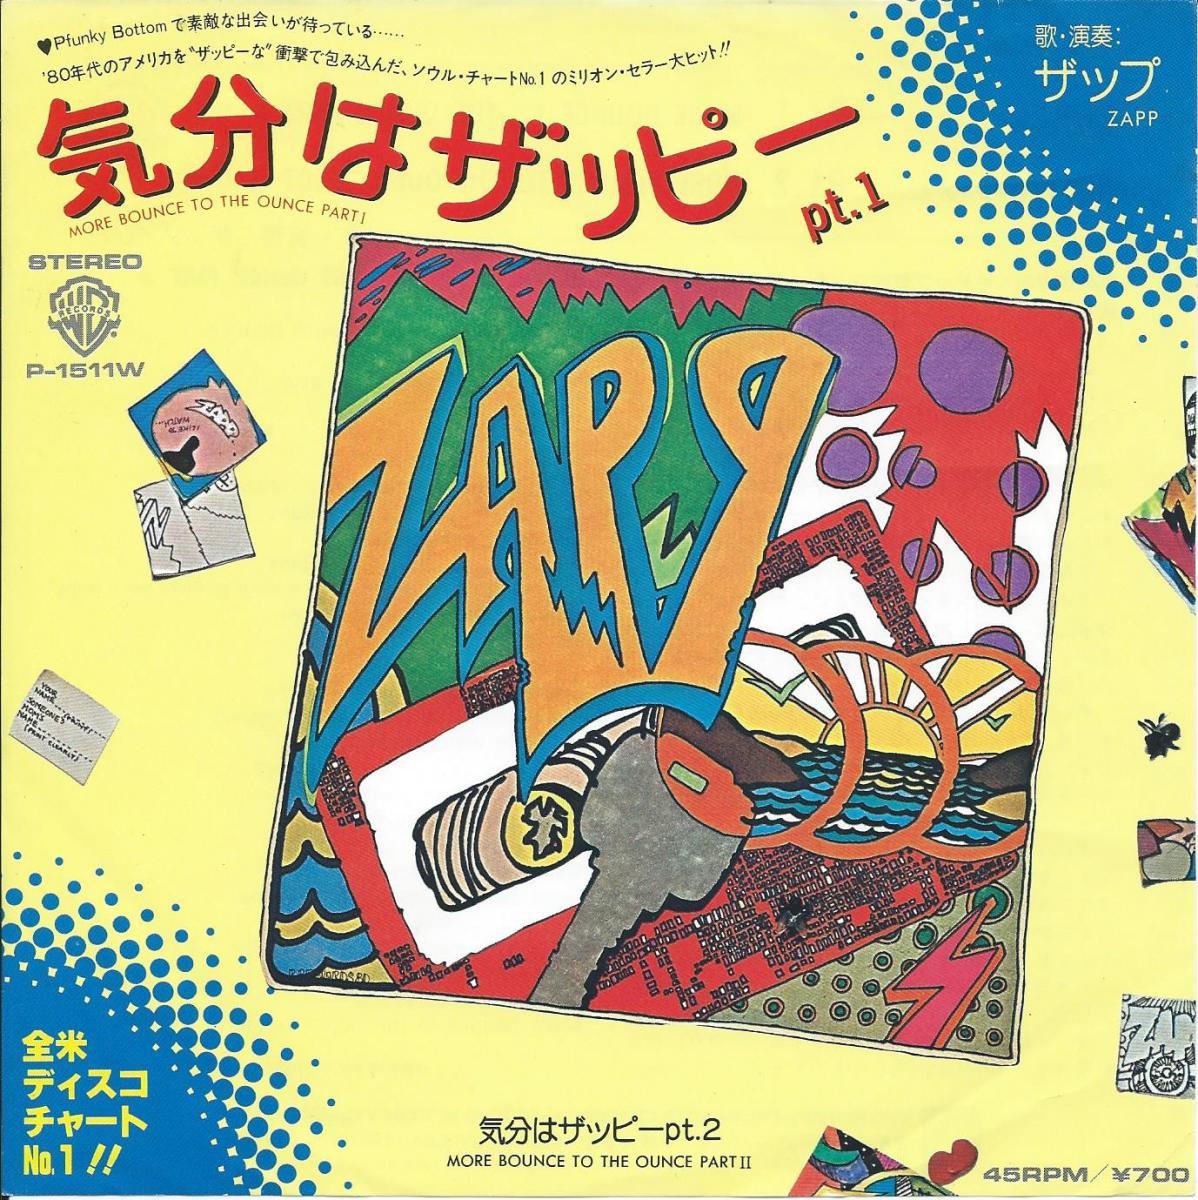 ザップ ZAPP / 気分はザッピー PT.1 MORE BOUNCE TO THE OUNCE PART 1 (7